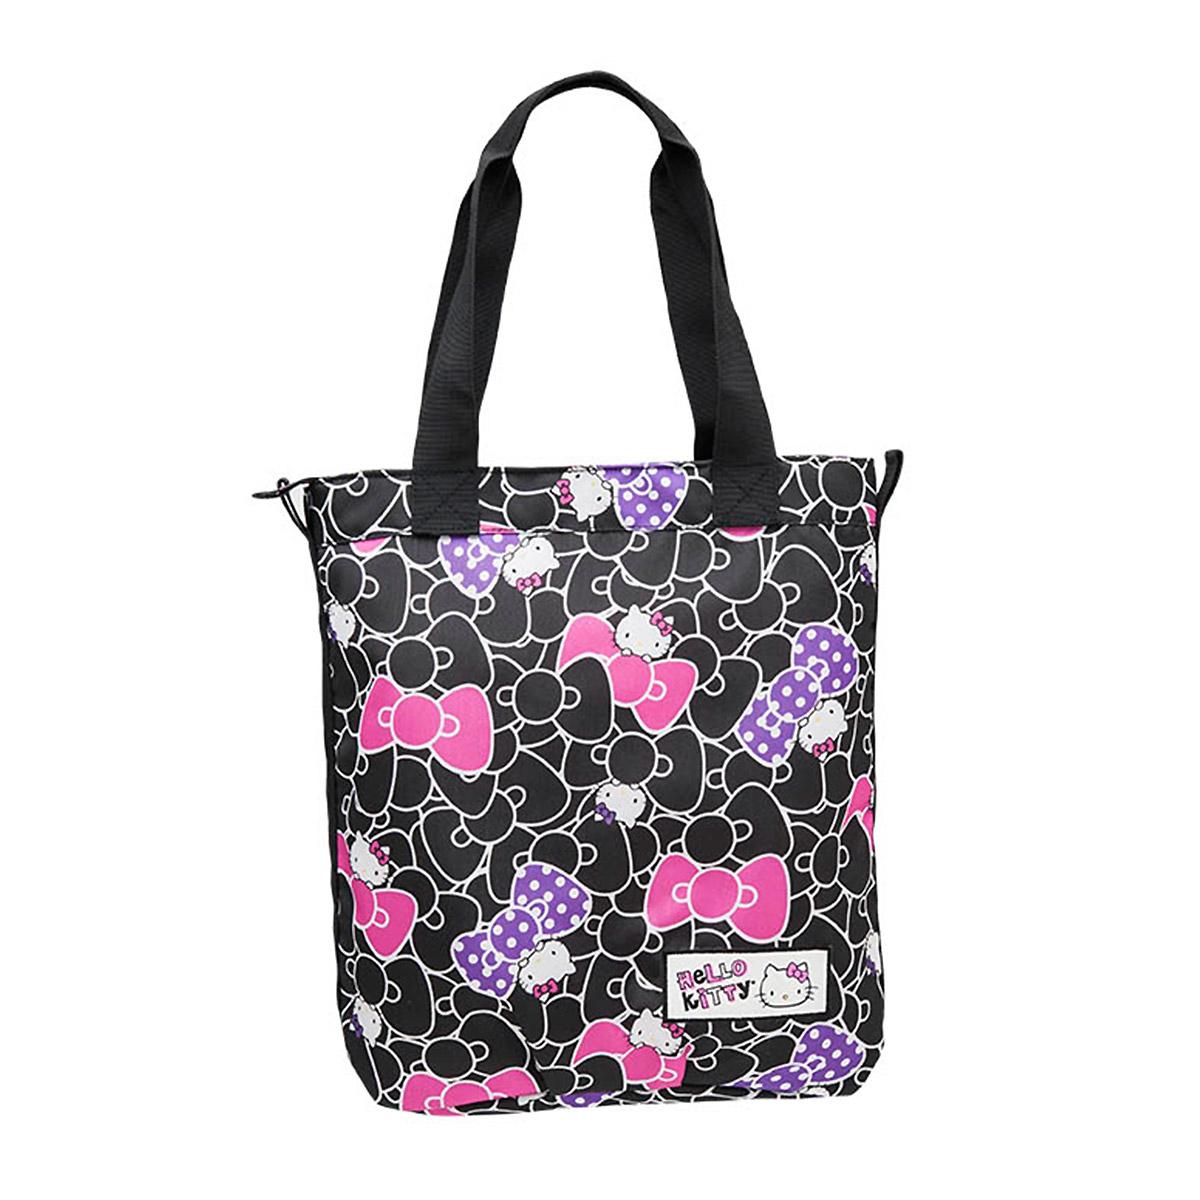 Bolsa Hello Kitty Lacinhos 724225